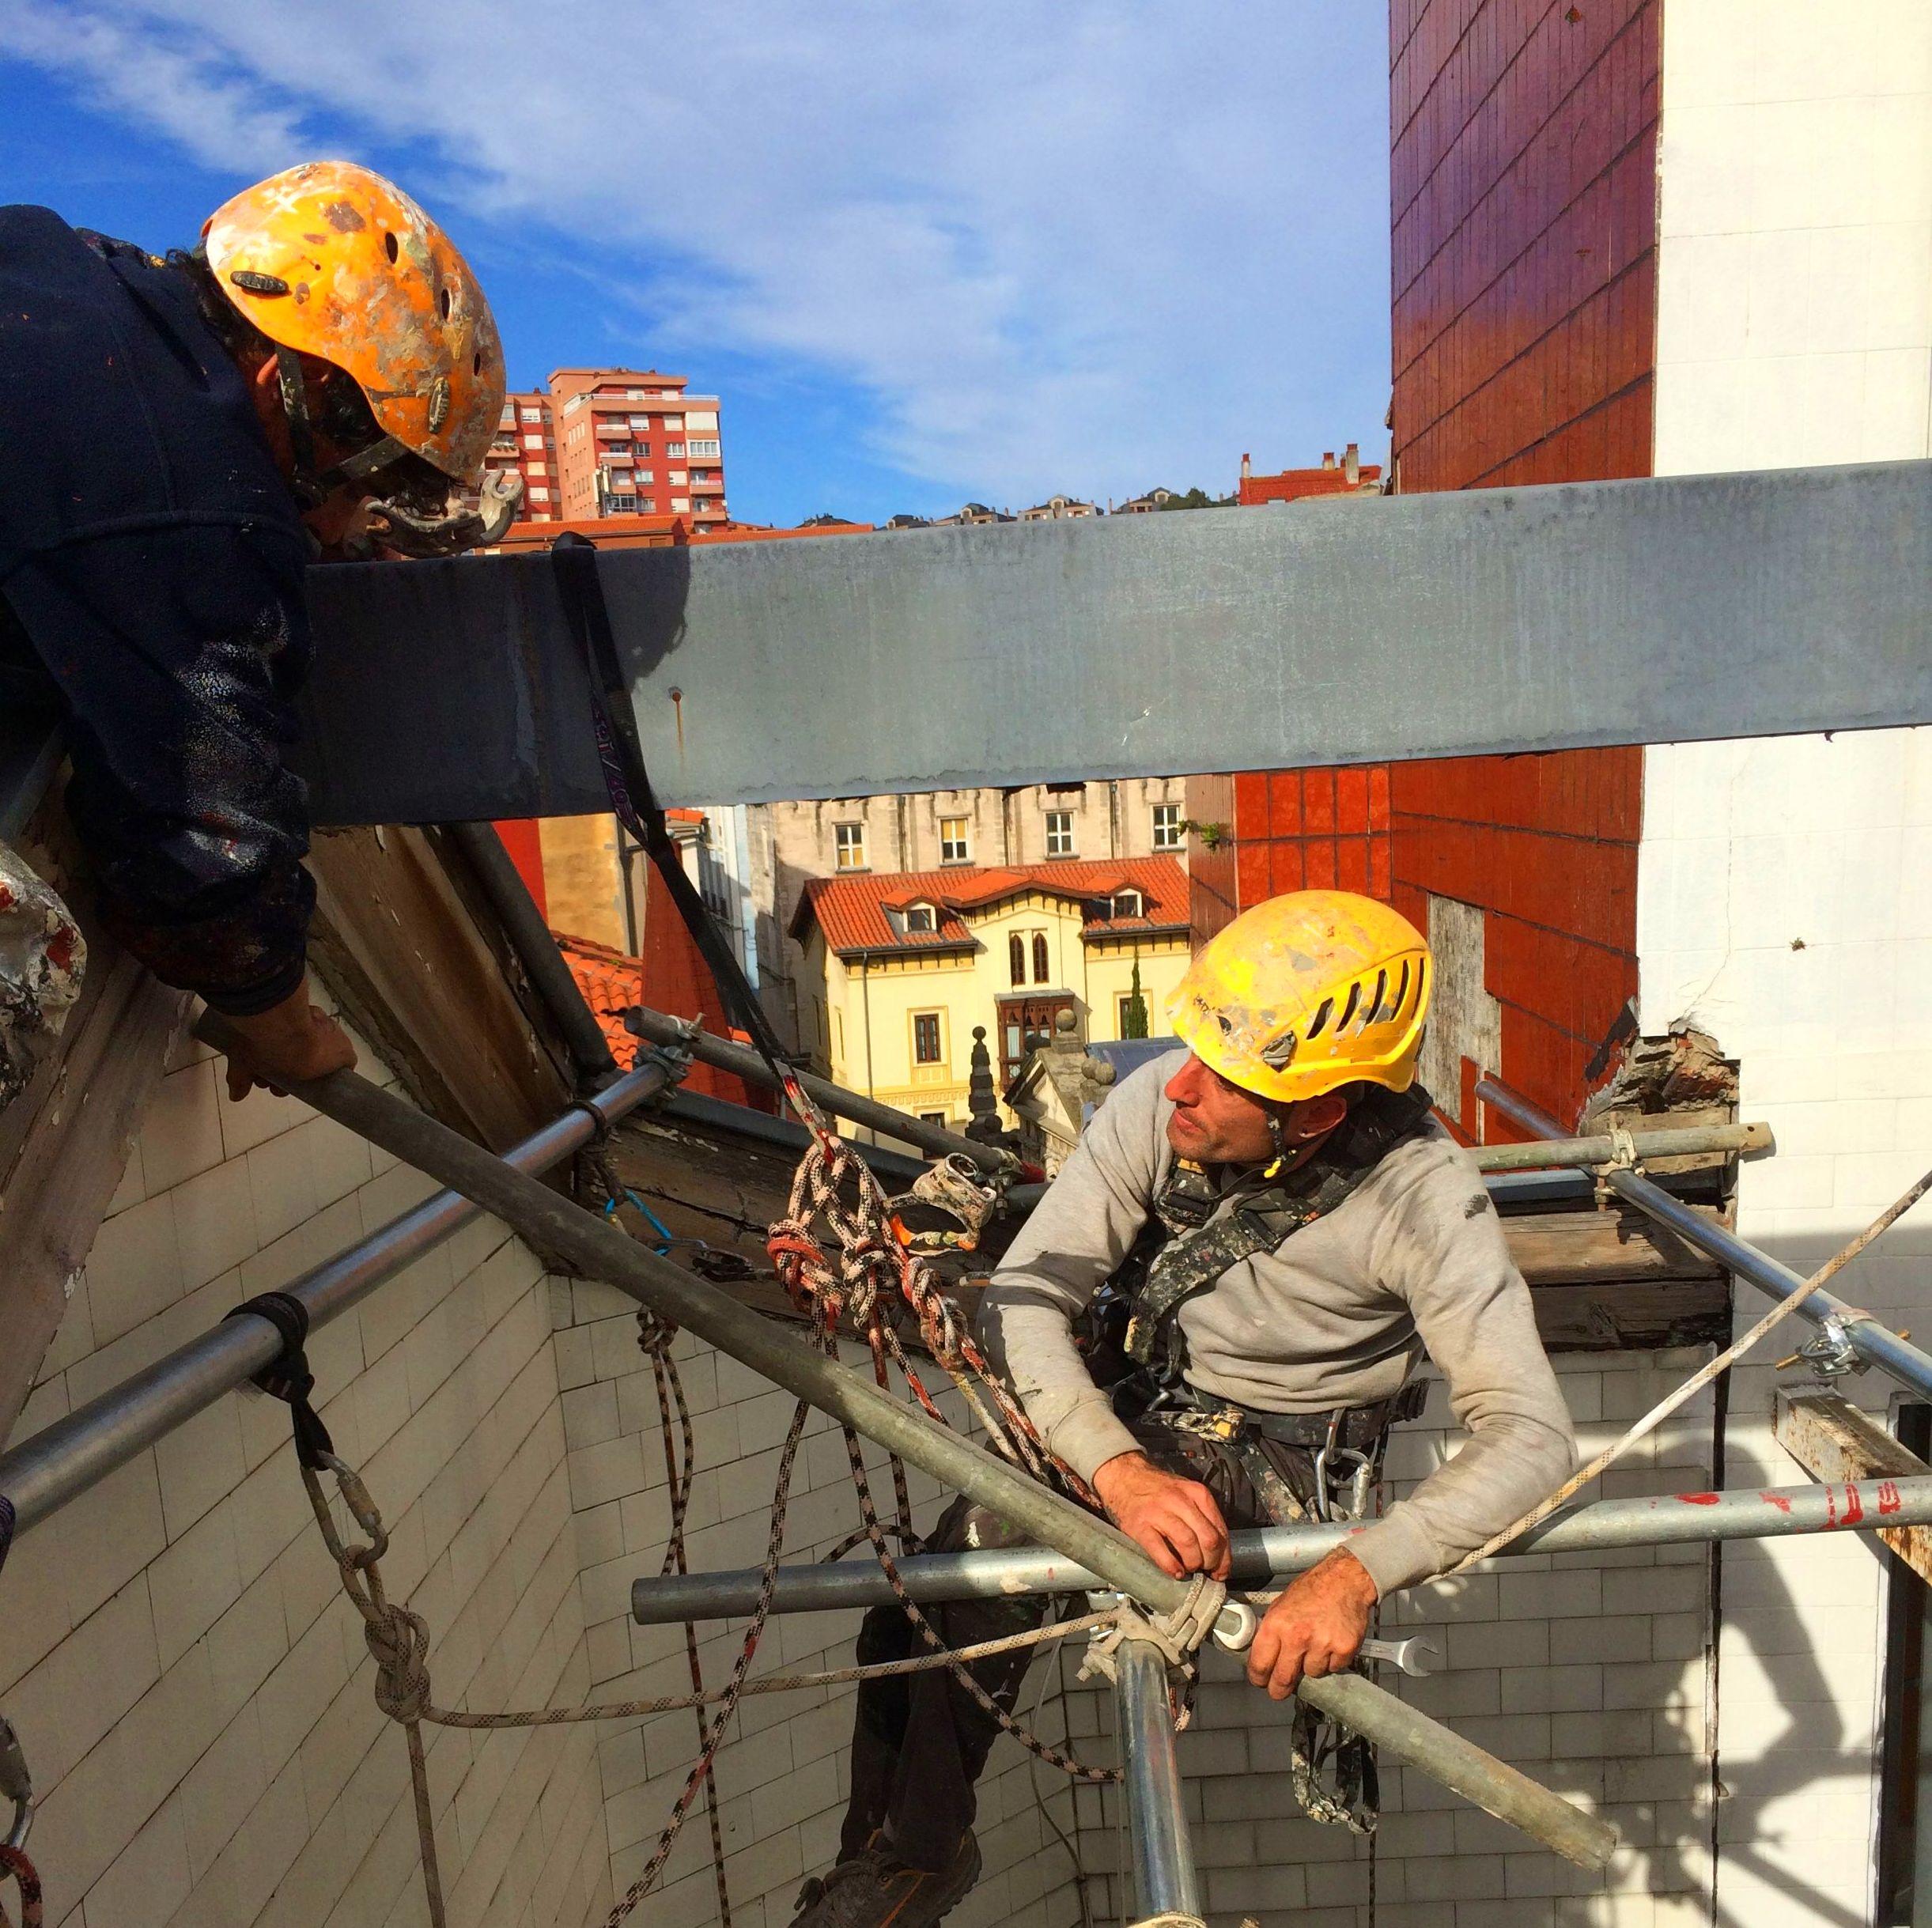 Instalación y posicionamiento con cuerdas en Santander.